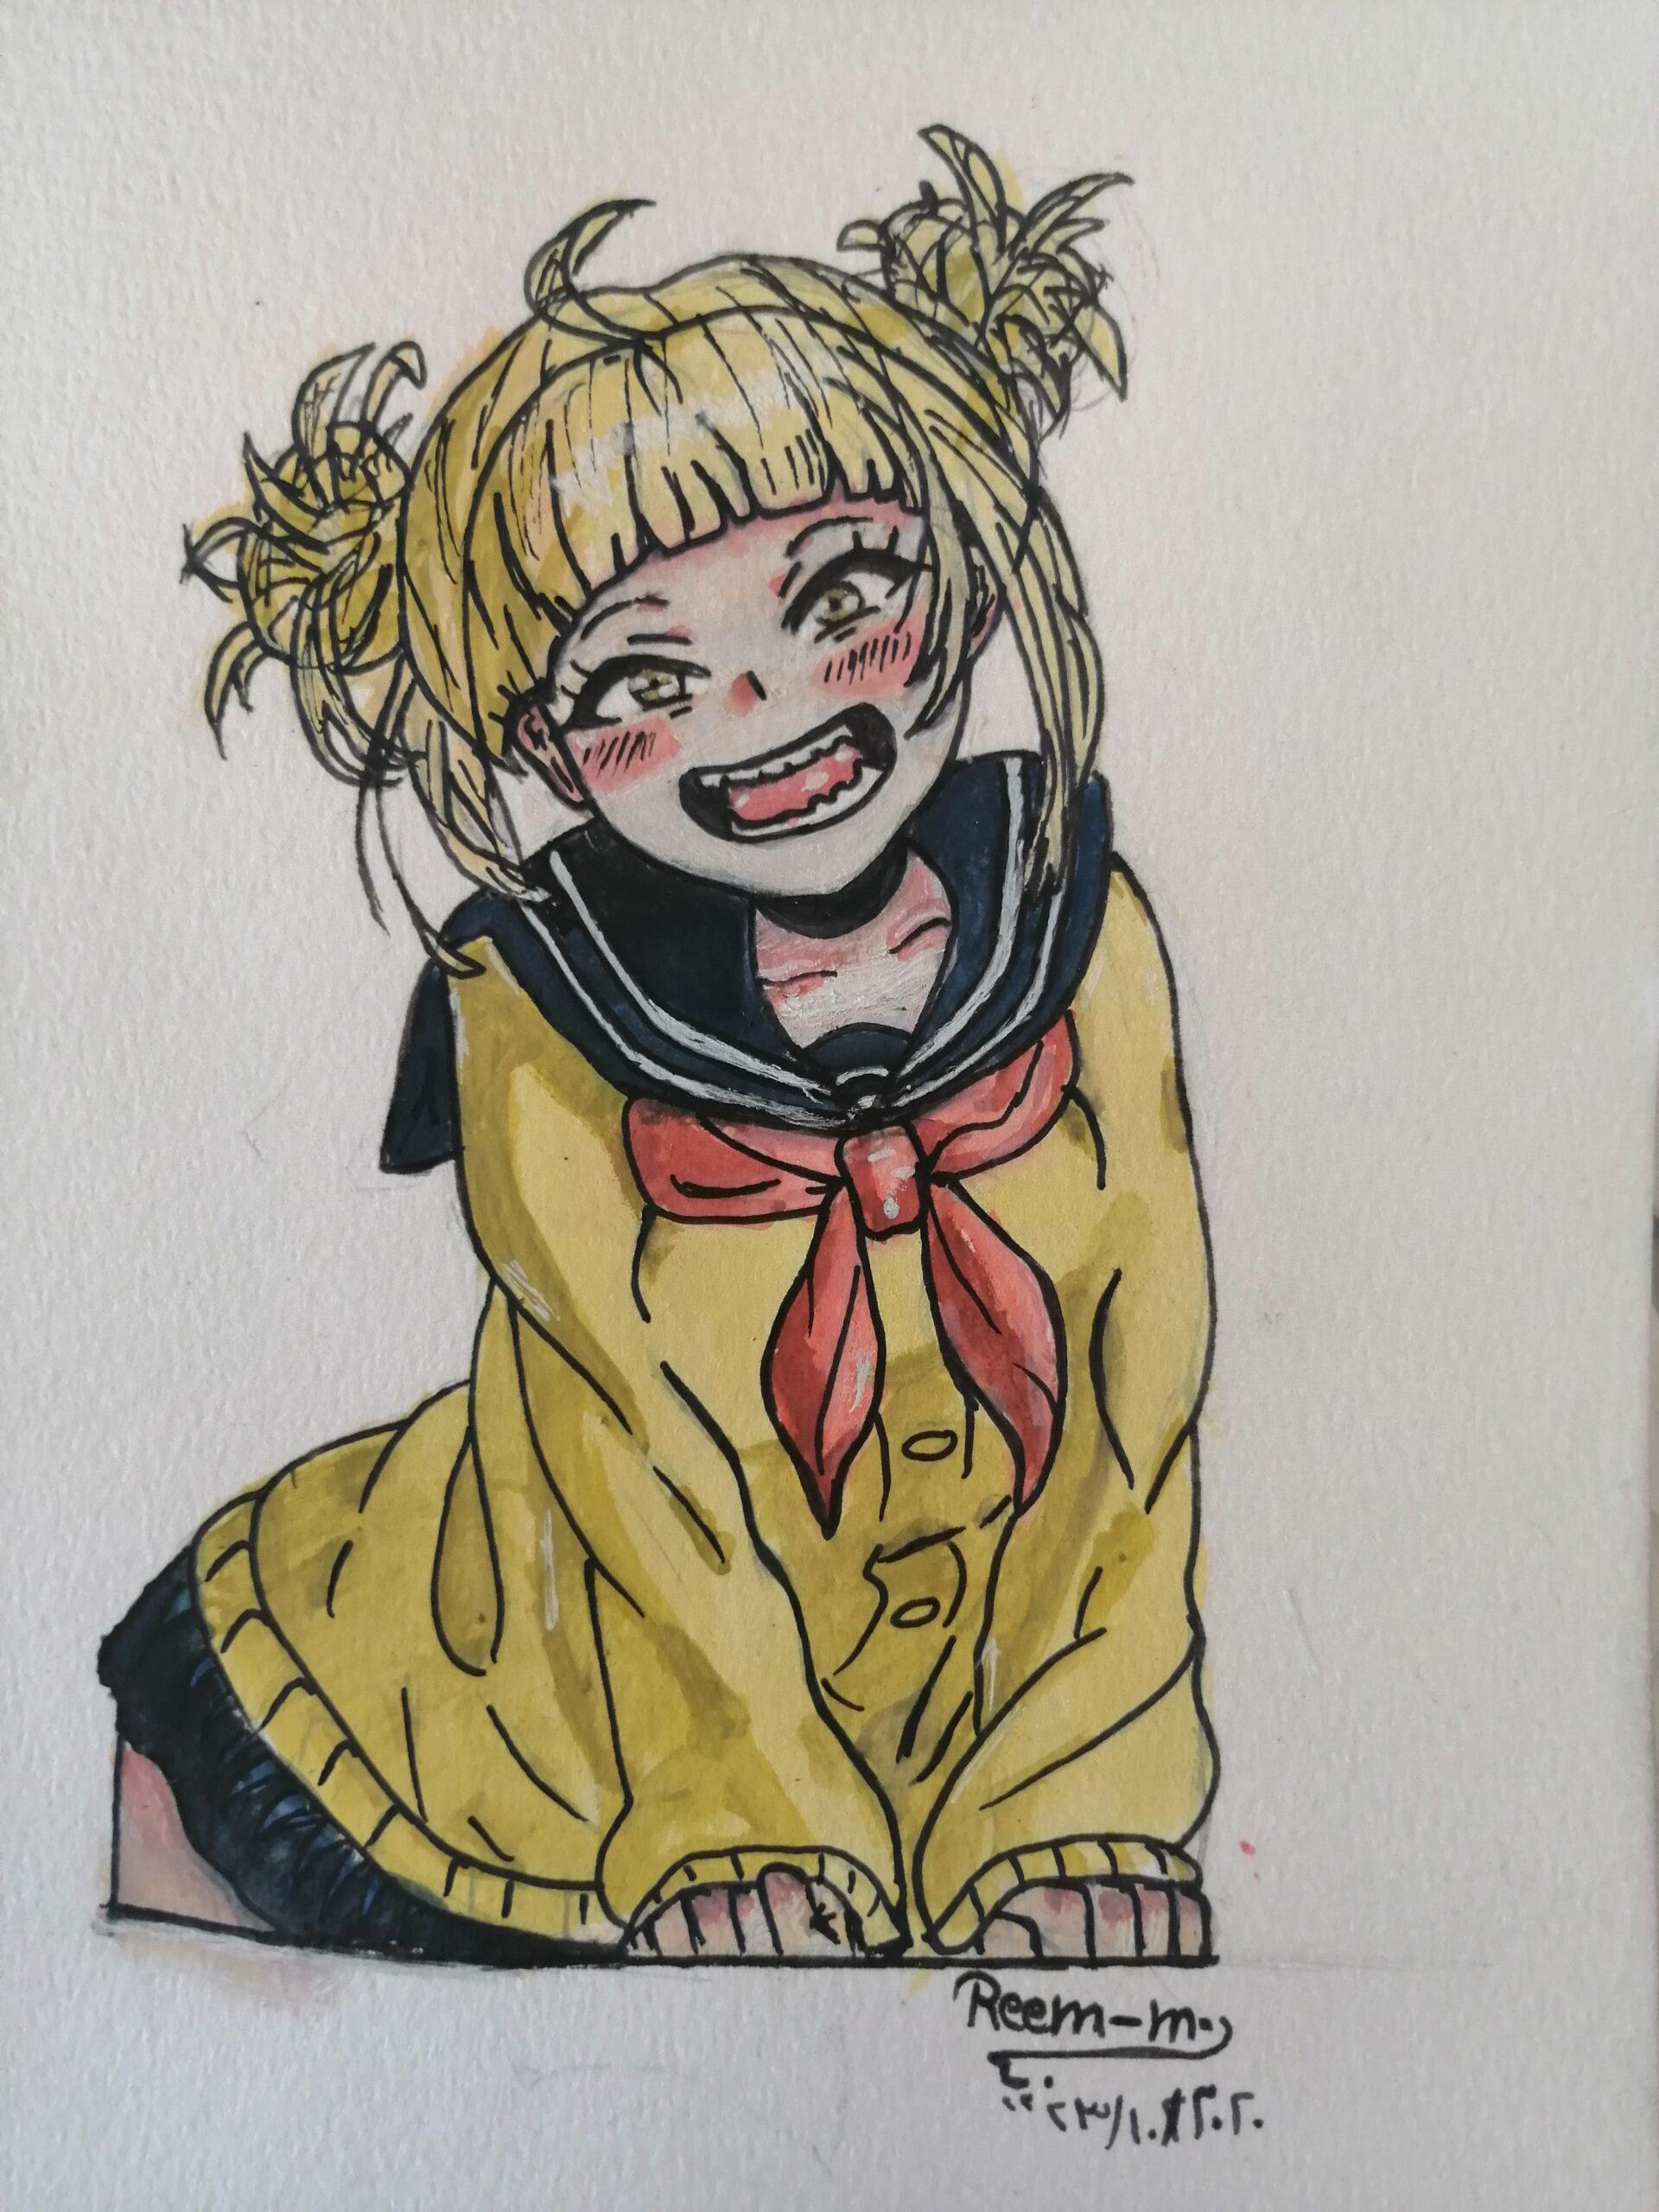 لوحة الطفلة الخائفة (إينمي) للفنانة ريم المقداد